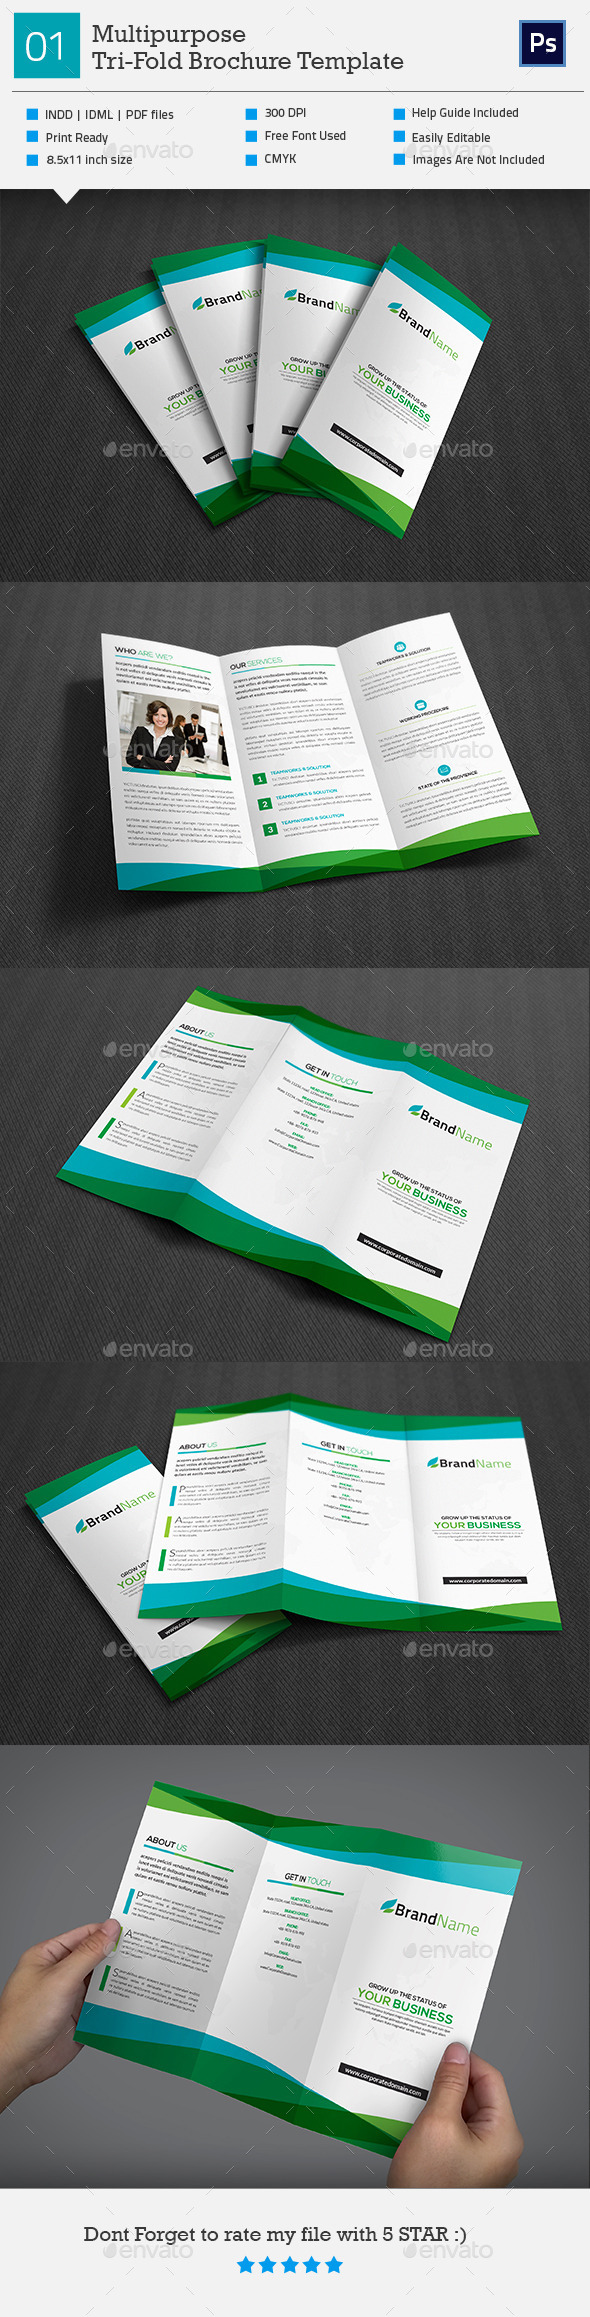 GraphicRiver Multipurpose Tri-Fold Brochure V1 11256061